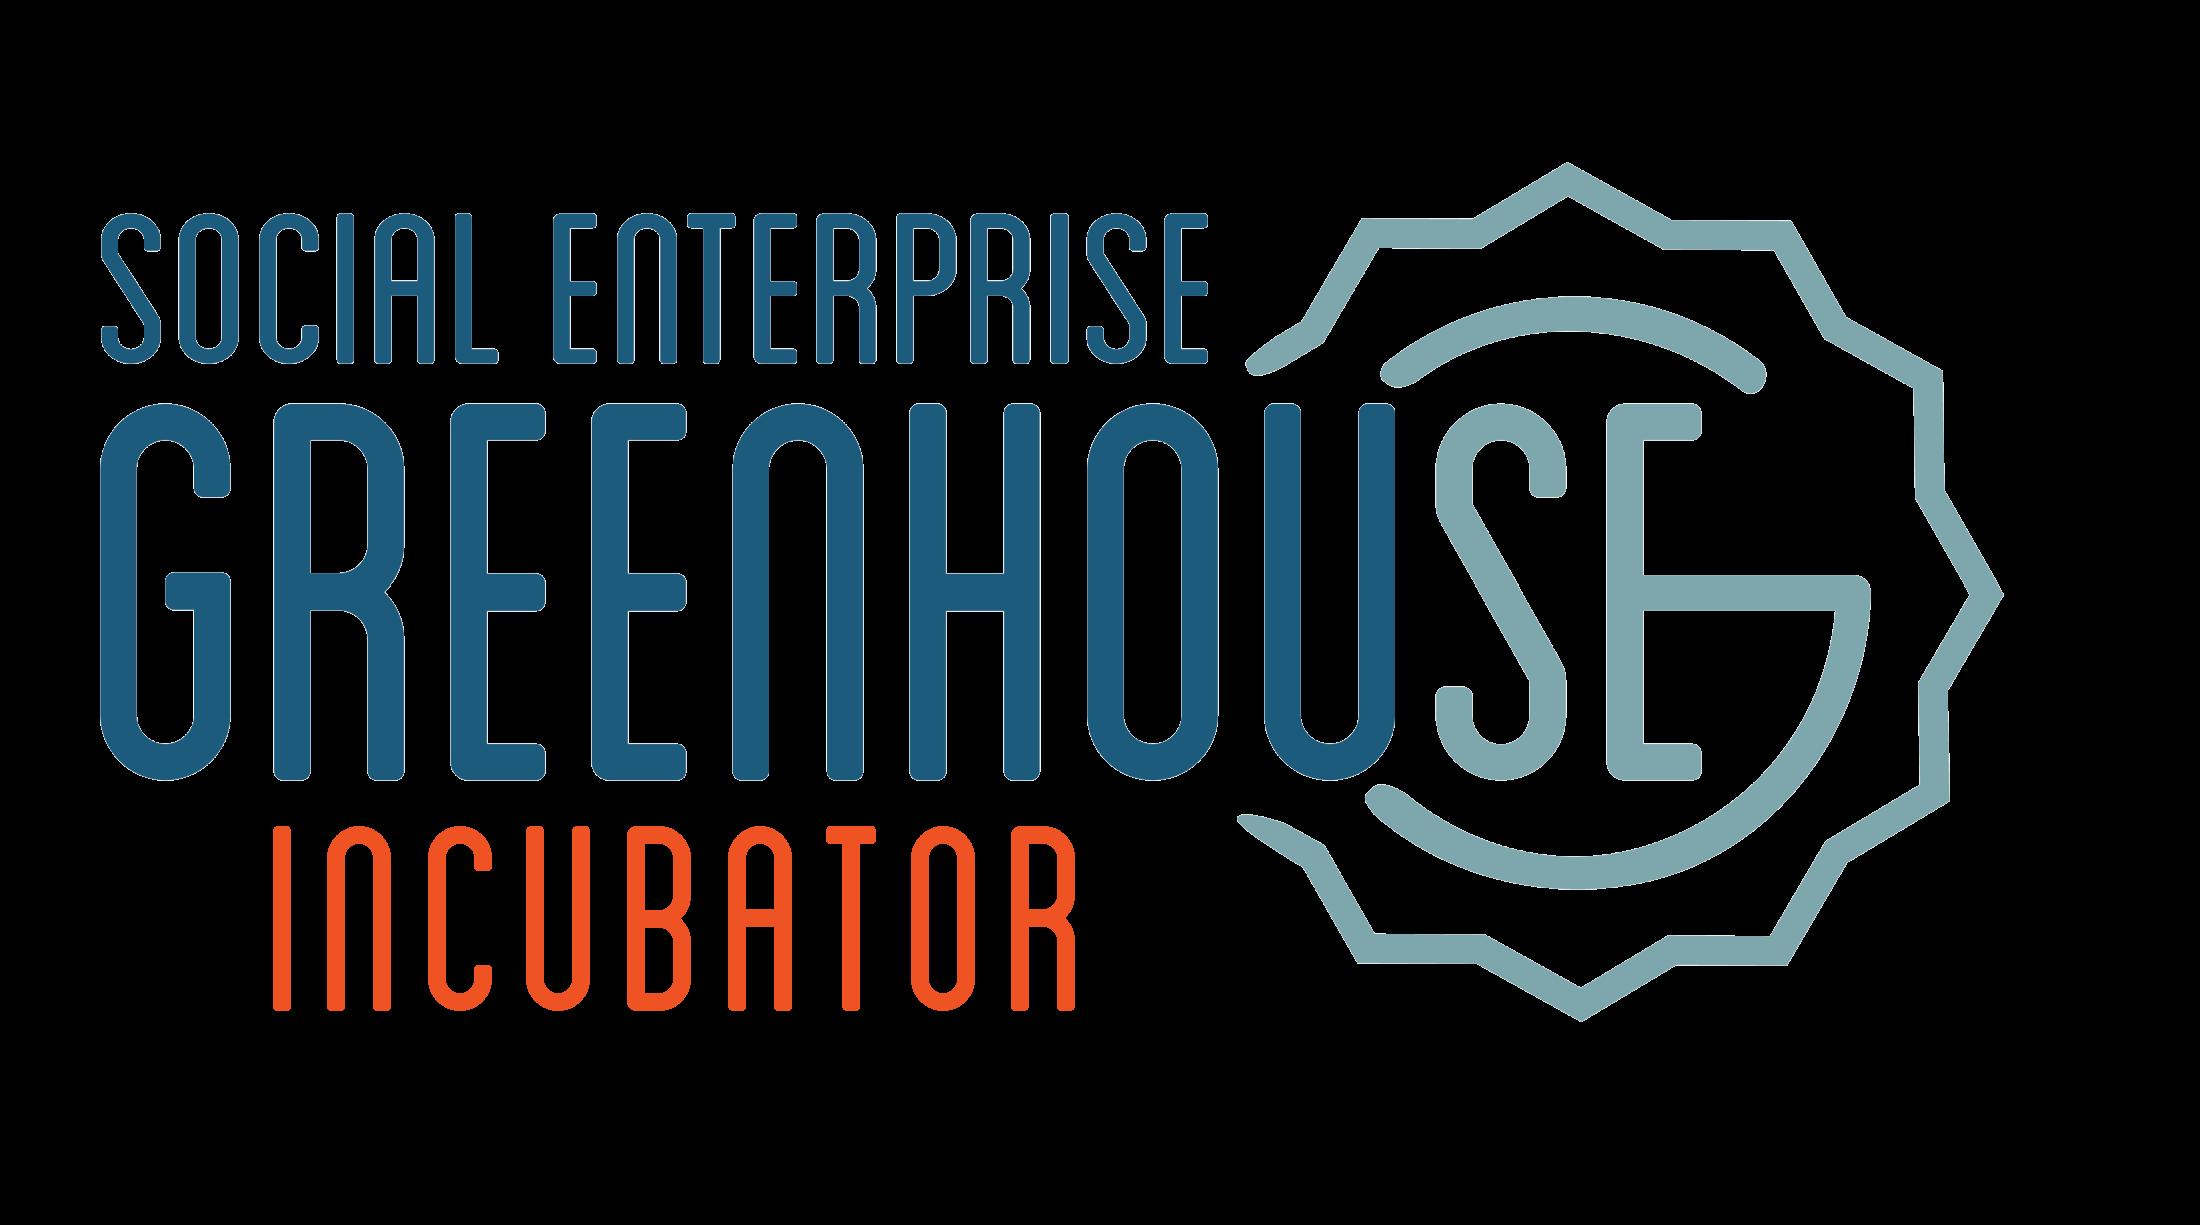 SEG Incubator Logo